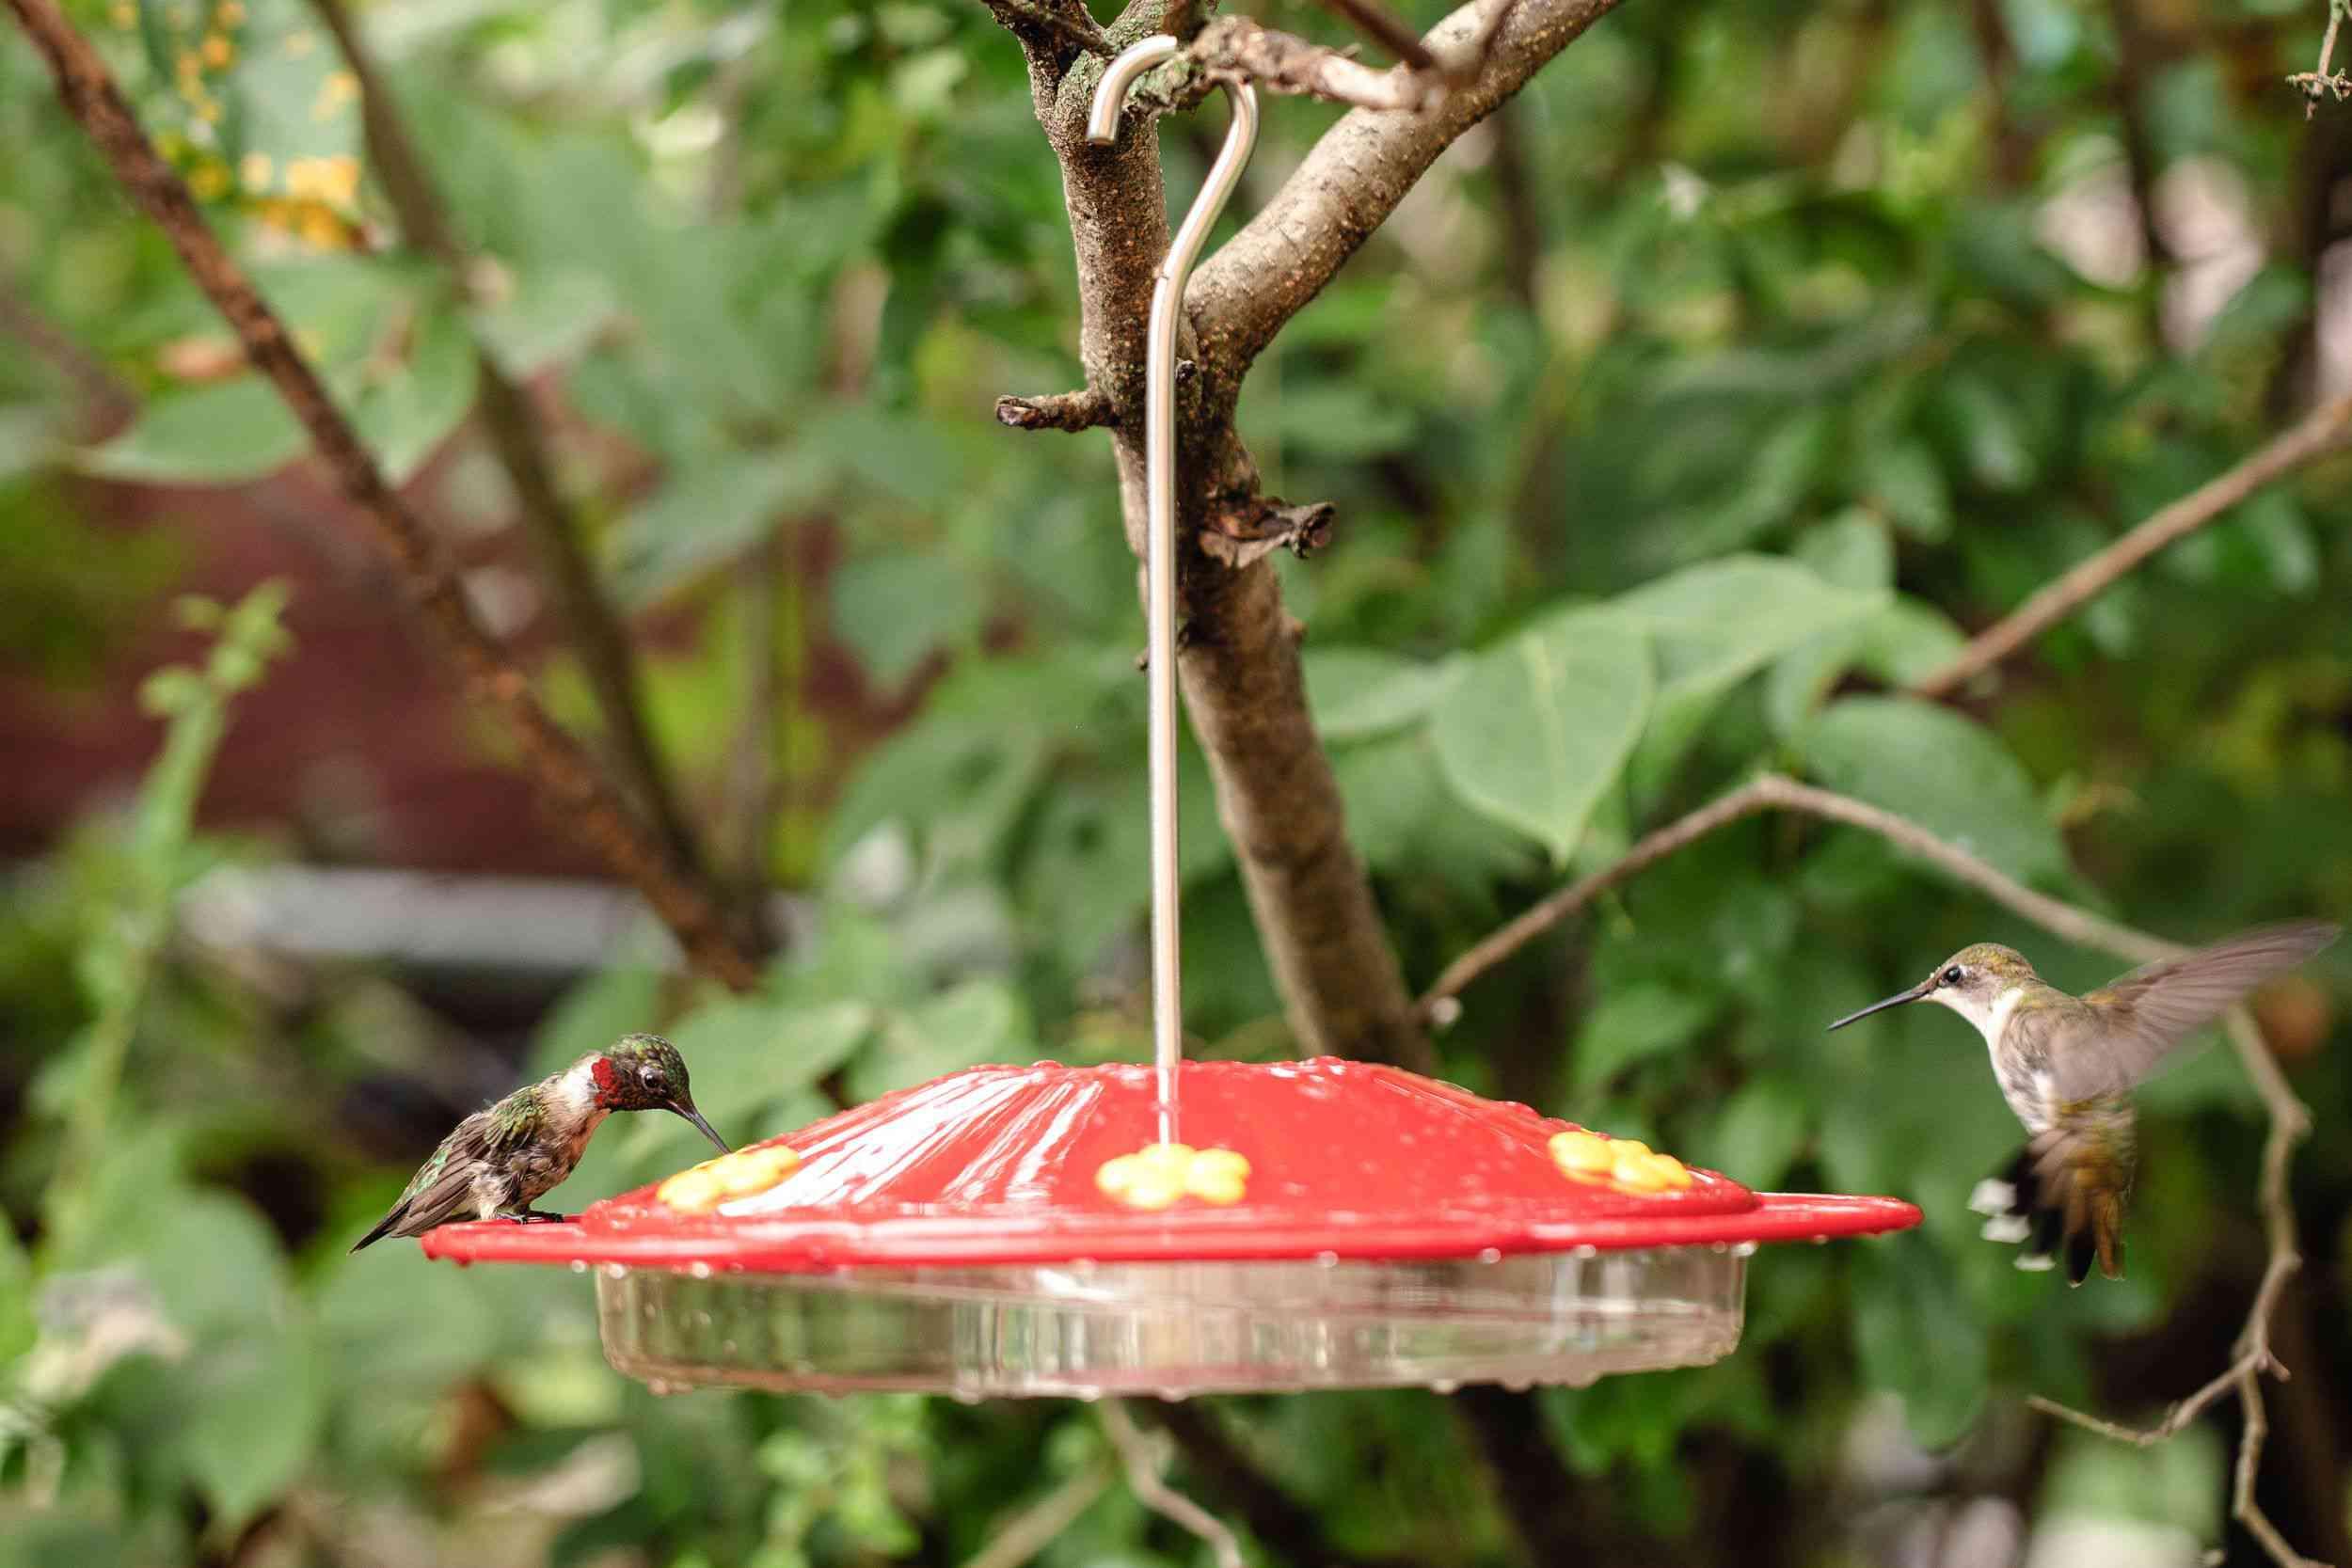 multiple hummingbirds at a feeder